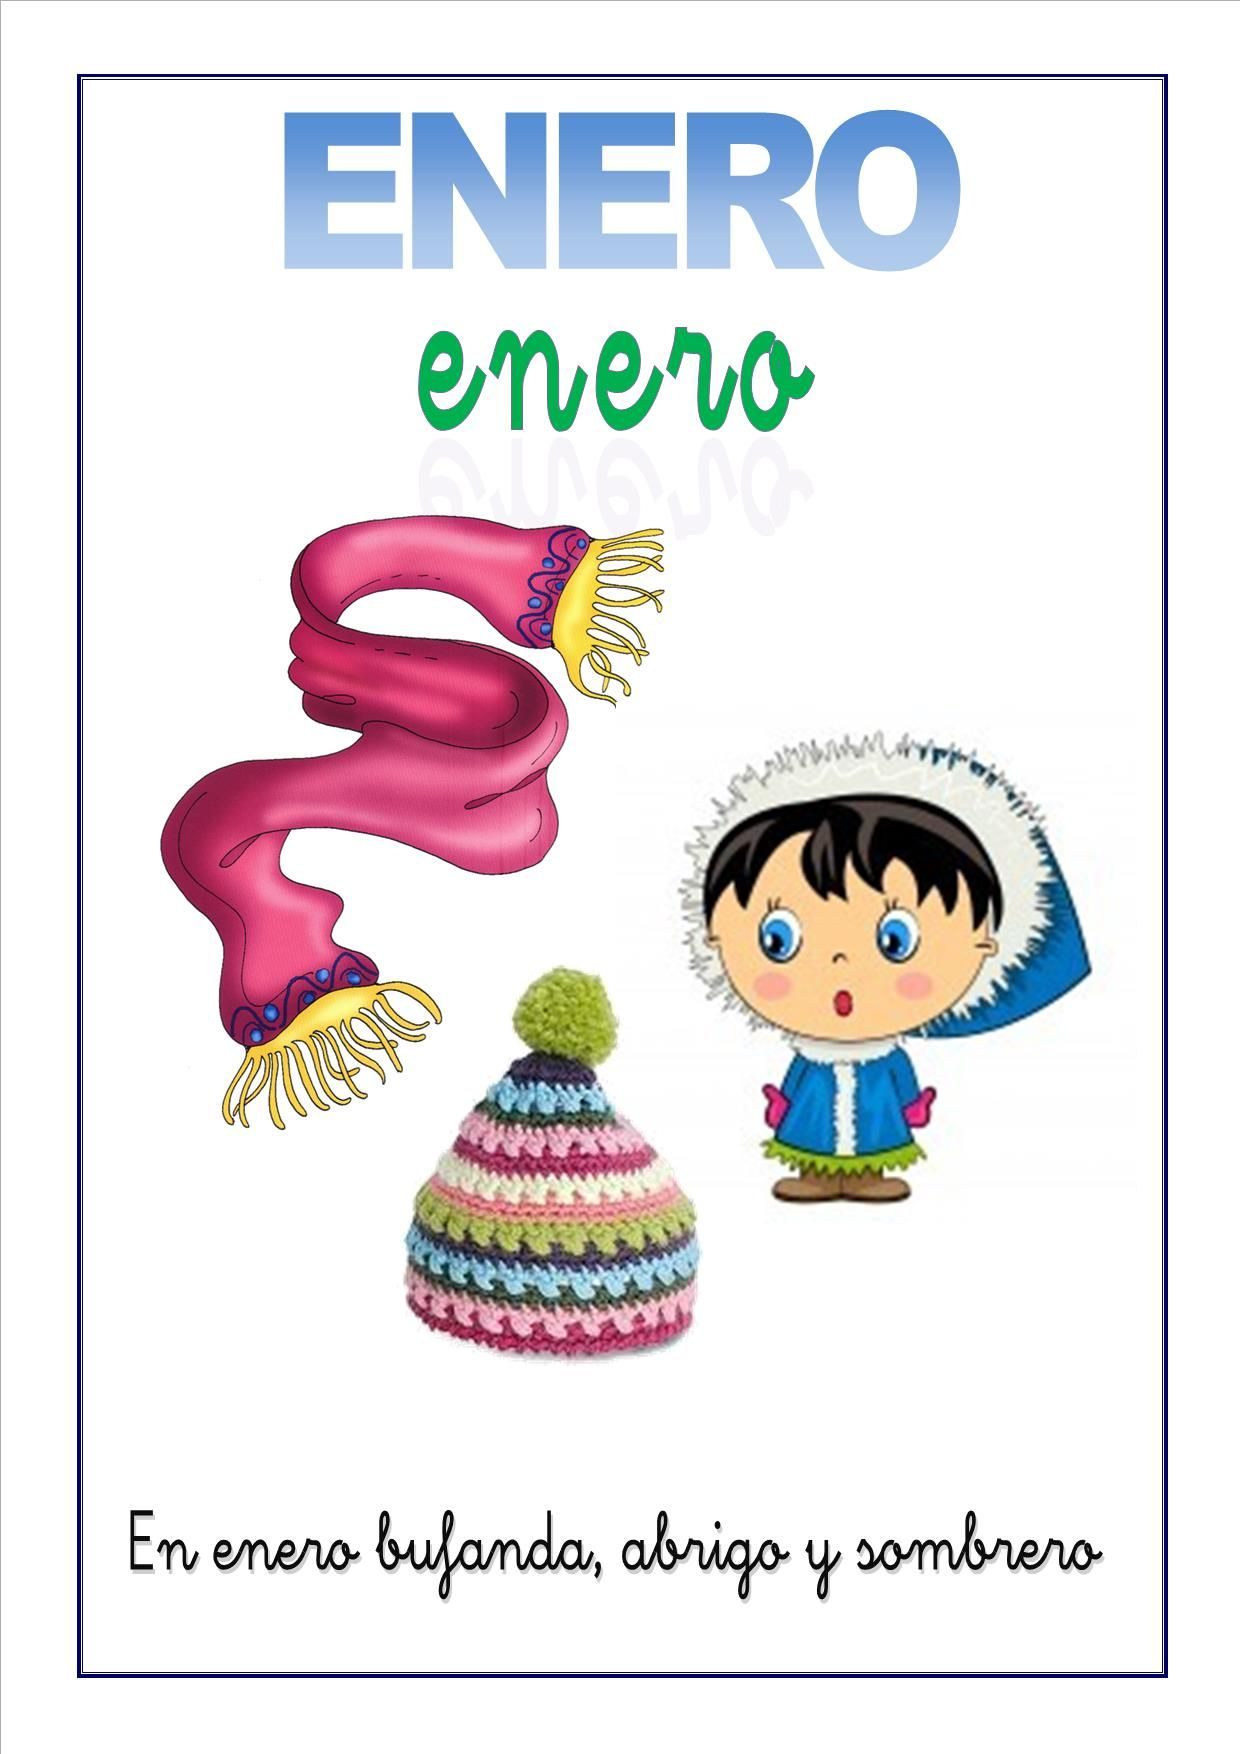 cartel-con-el-mes-de-enero-para-niños.jpg 1 240 × 1 754 pixels ...